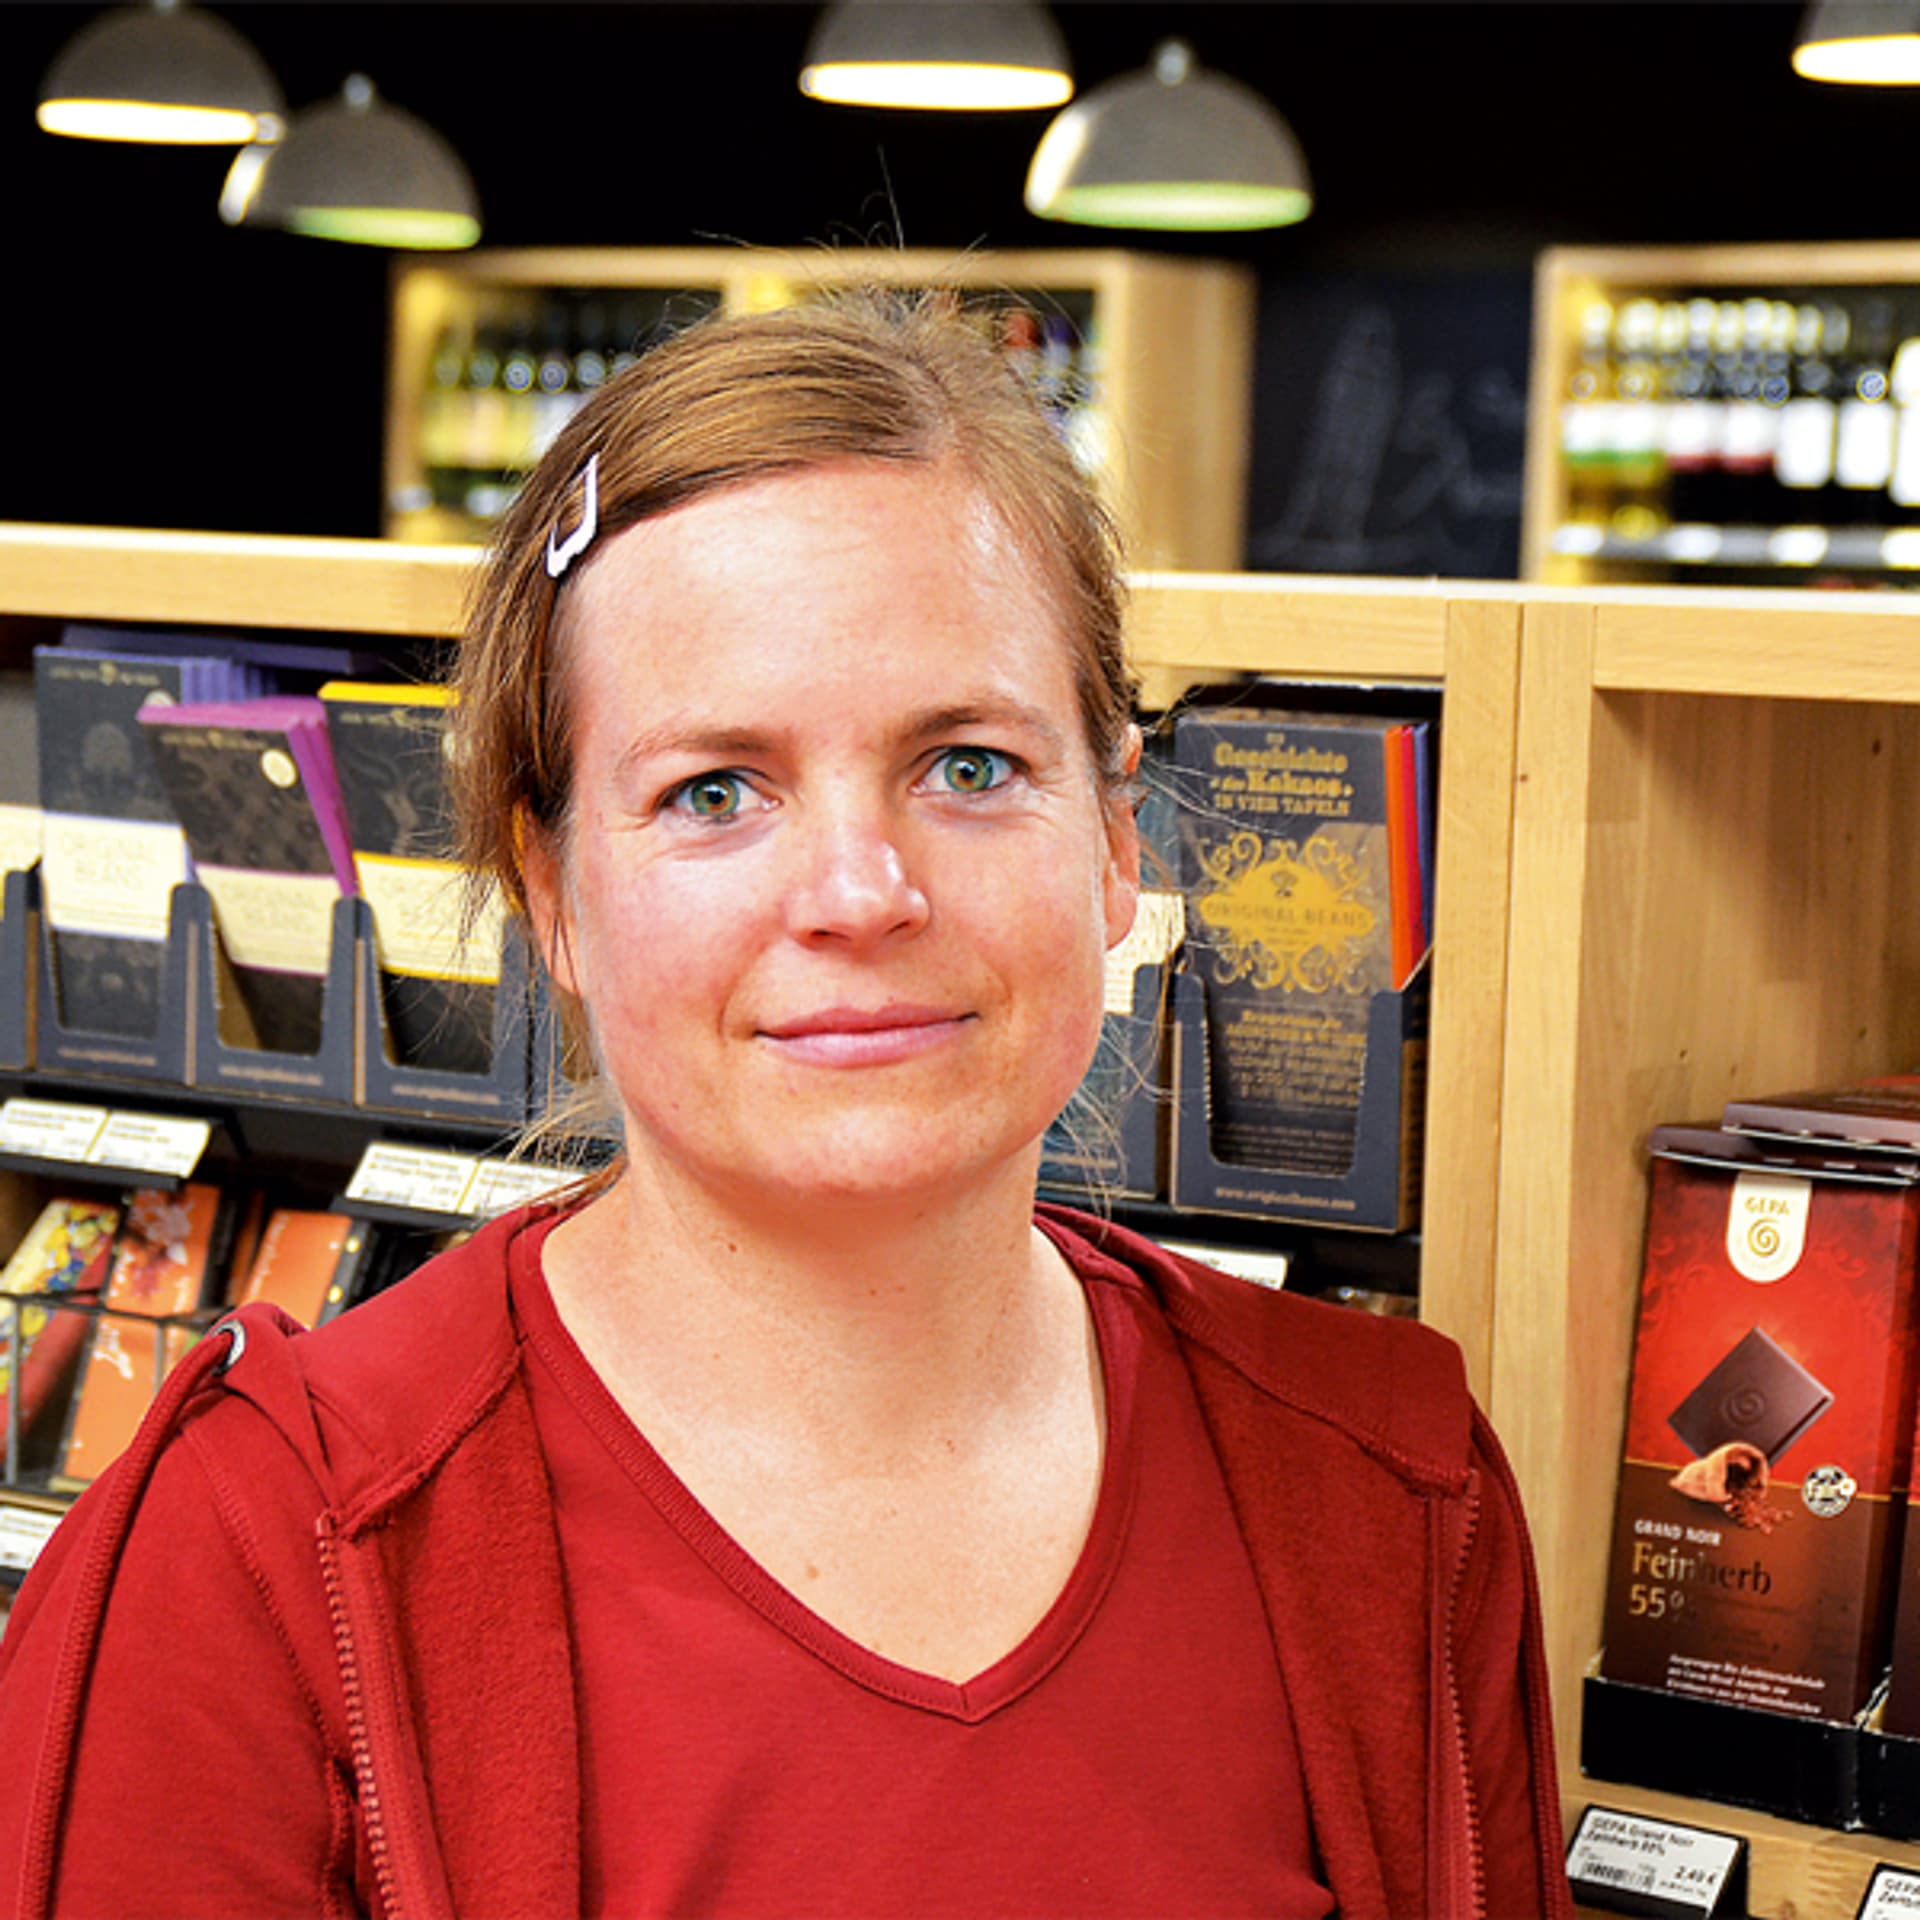 Christina Scherf-Clavel